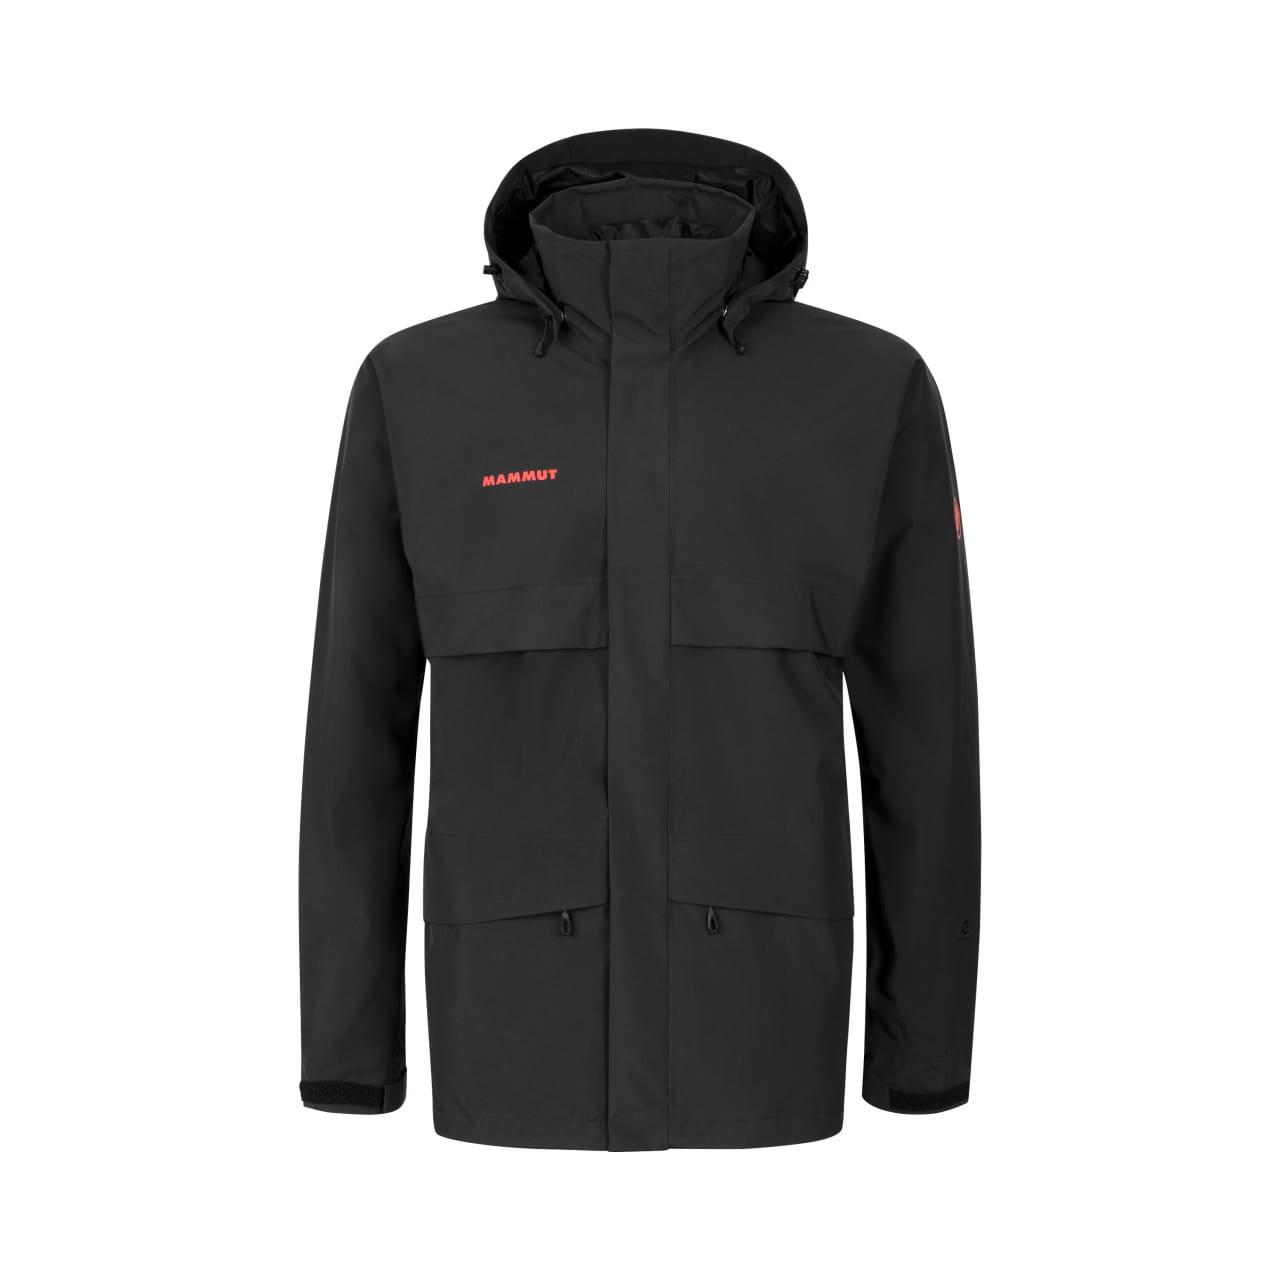 Pánská bunda s kapucí Mammut Heritage HS Hooded Jacket Men